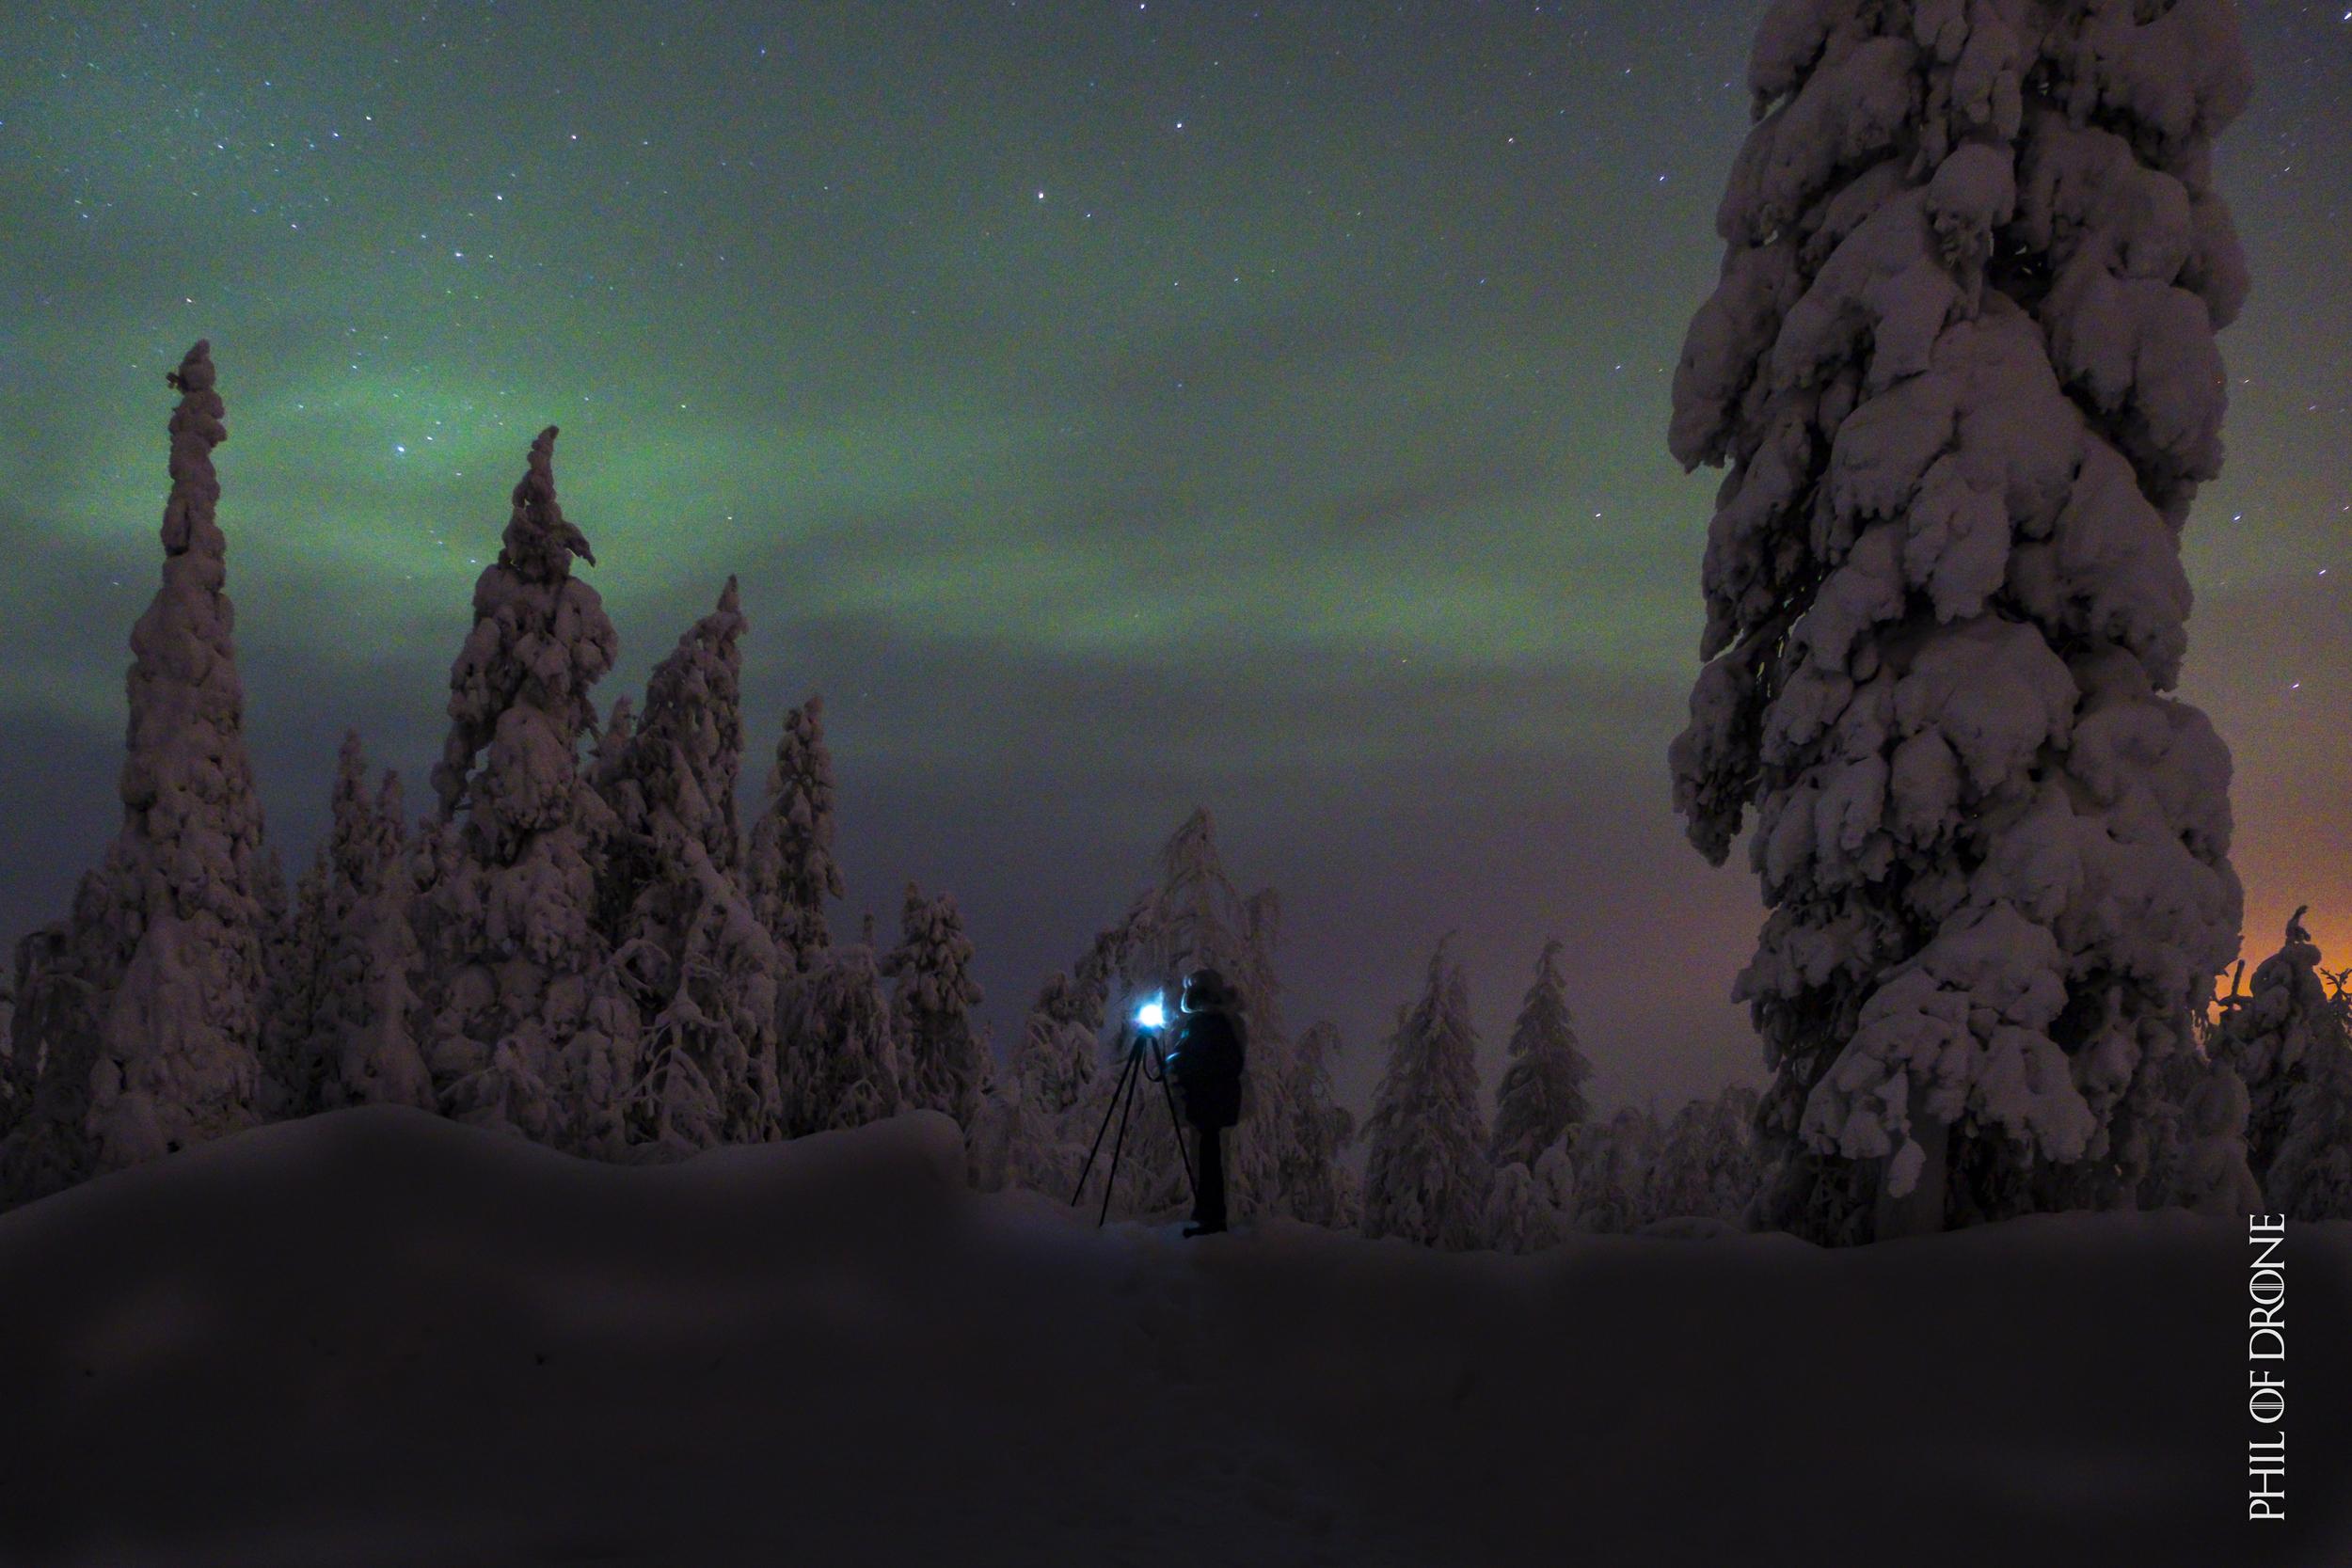 Phil-Finlande 98.jpg